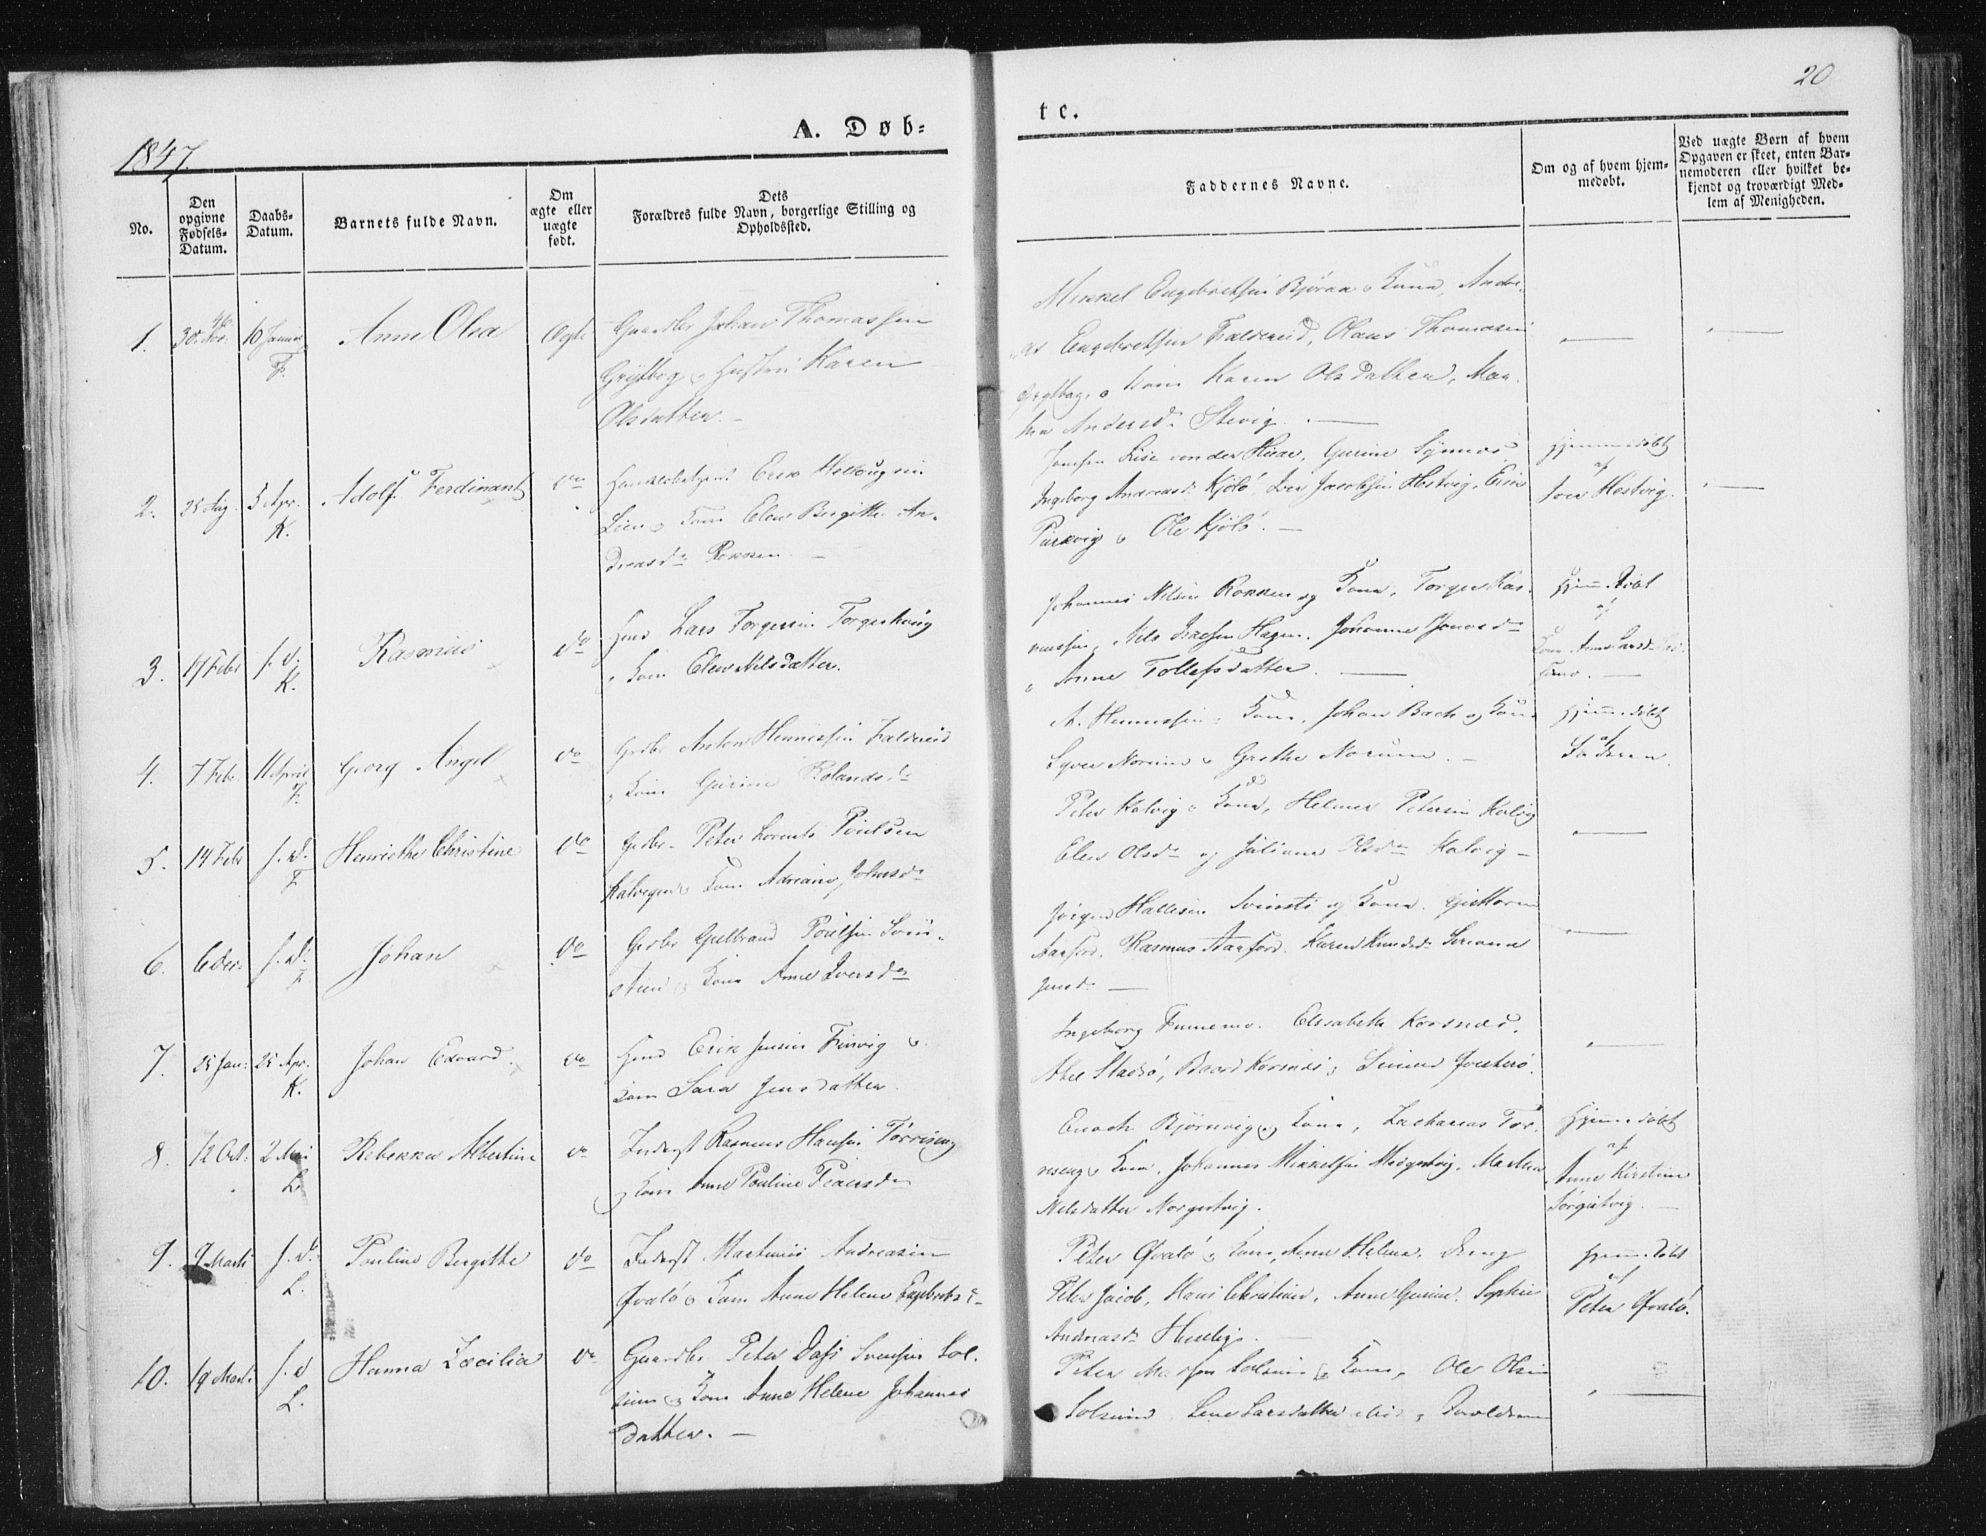 SAT, Ministerialprotokoller, klokkerbøker og fødselsregistre - Nord-Trøndelag, 780/L0640: Ministerialbok nr. 780A05, 1845-1856, s. 20